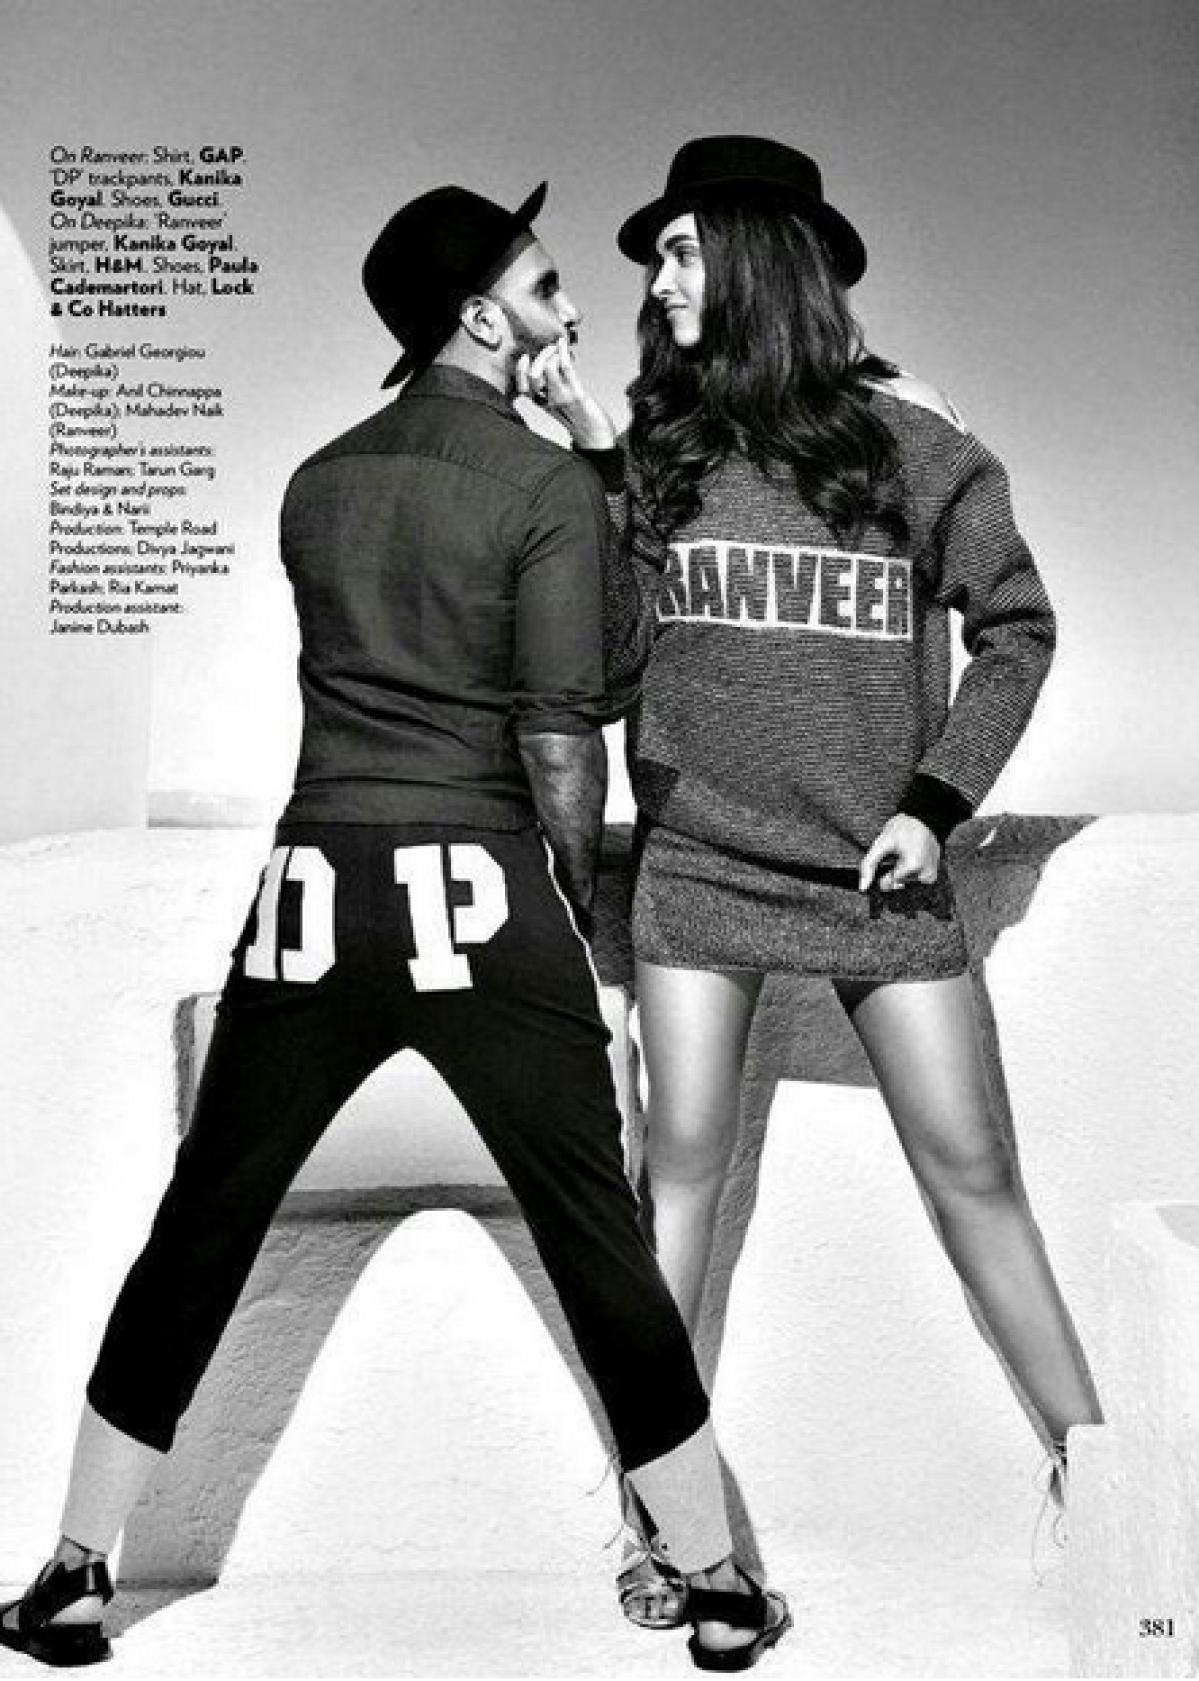 Ranveer Singh, Deepika Padukone's Scorching Hot Vogue